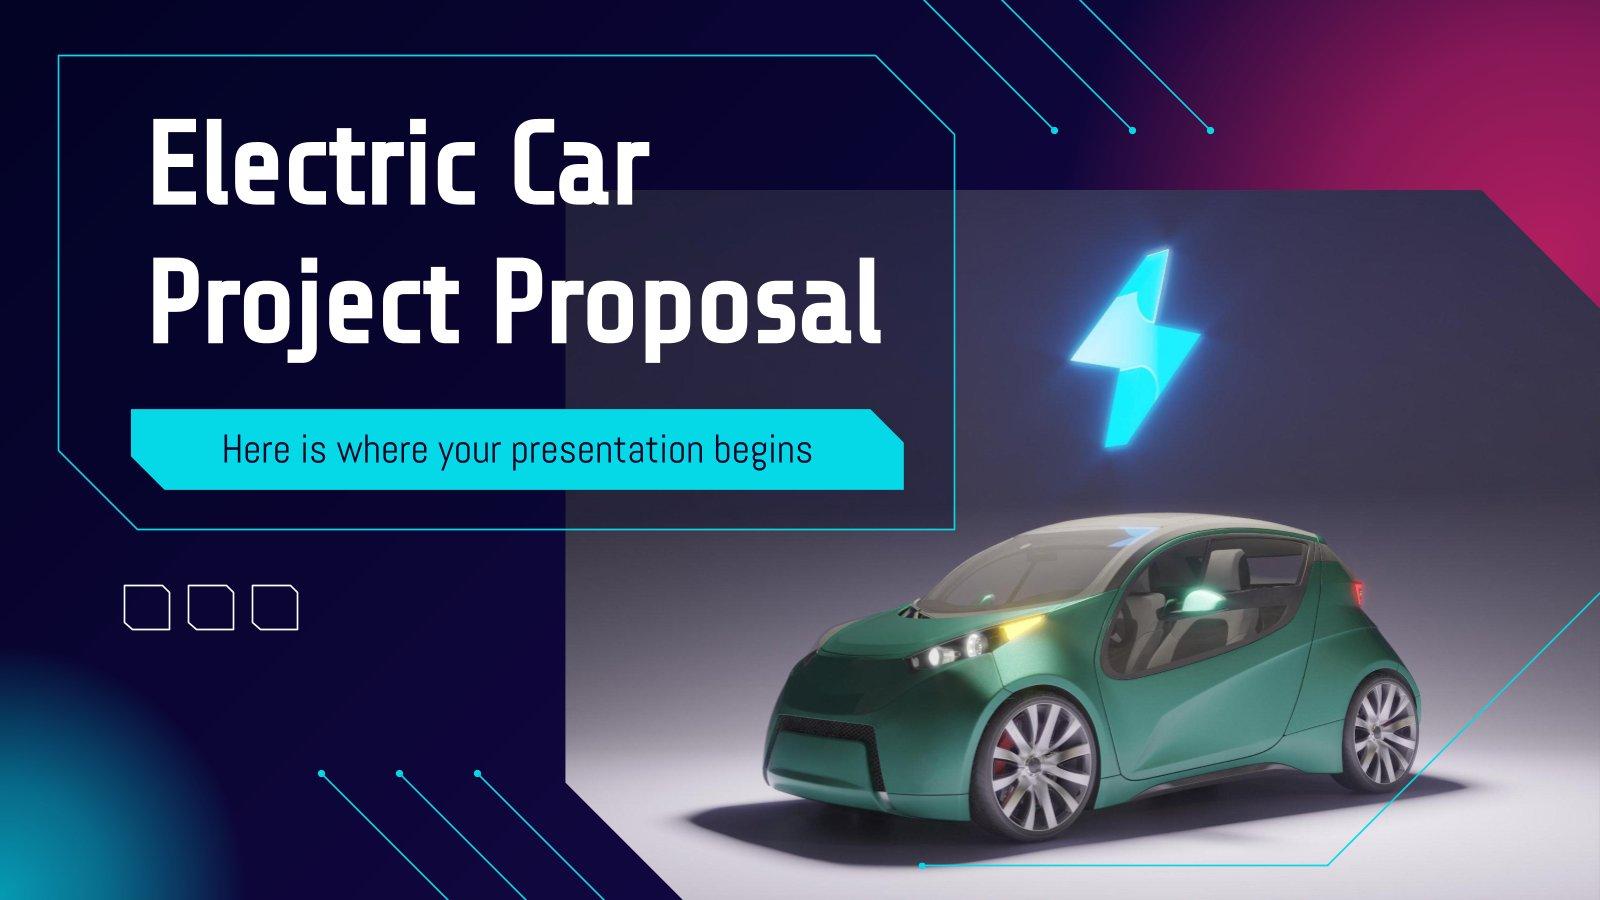 Plantilla de presentación Propuesta de proyecto de coche eléctrico